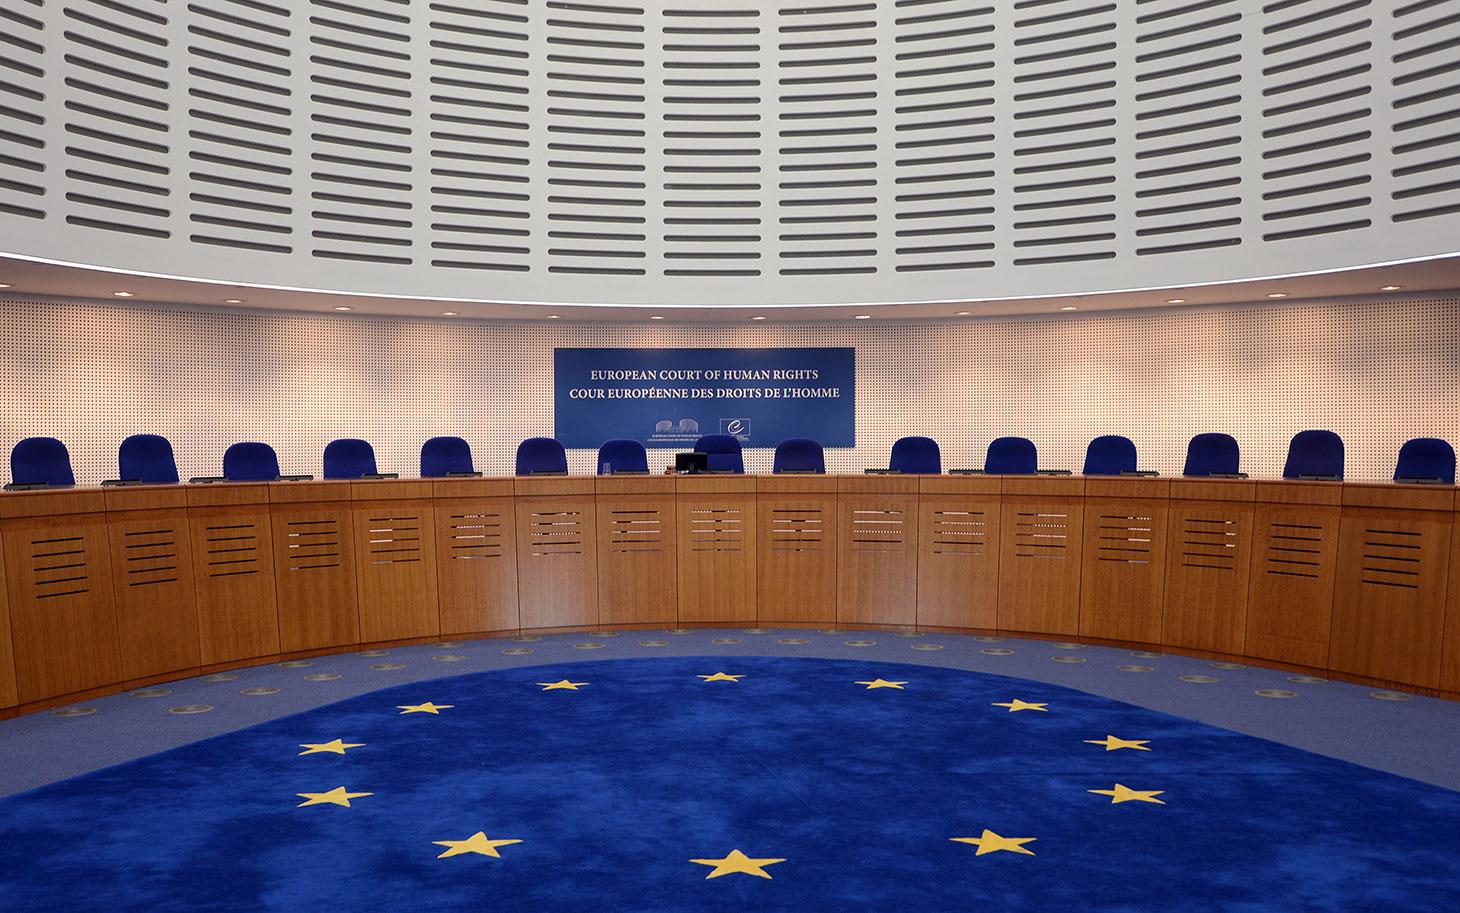 საიამ ადამიანის უფლებათა ევროპულ სასამართლოში ახალი საჩივარი წარადგინა